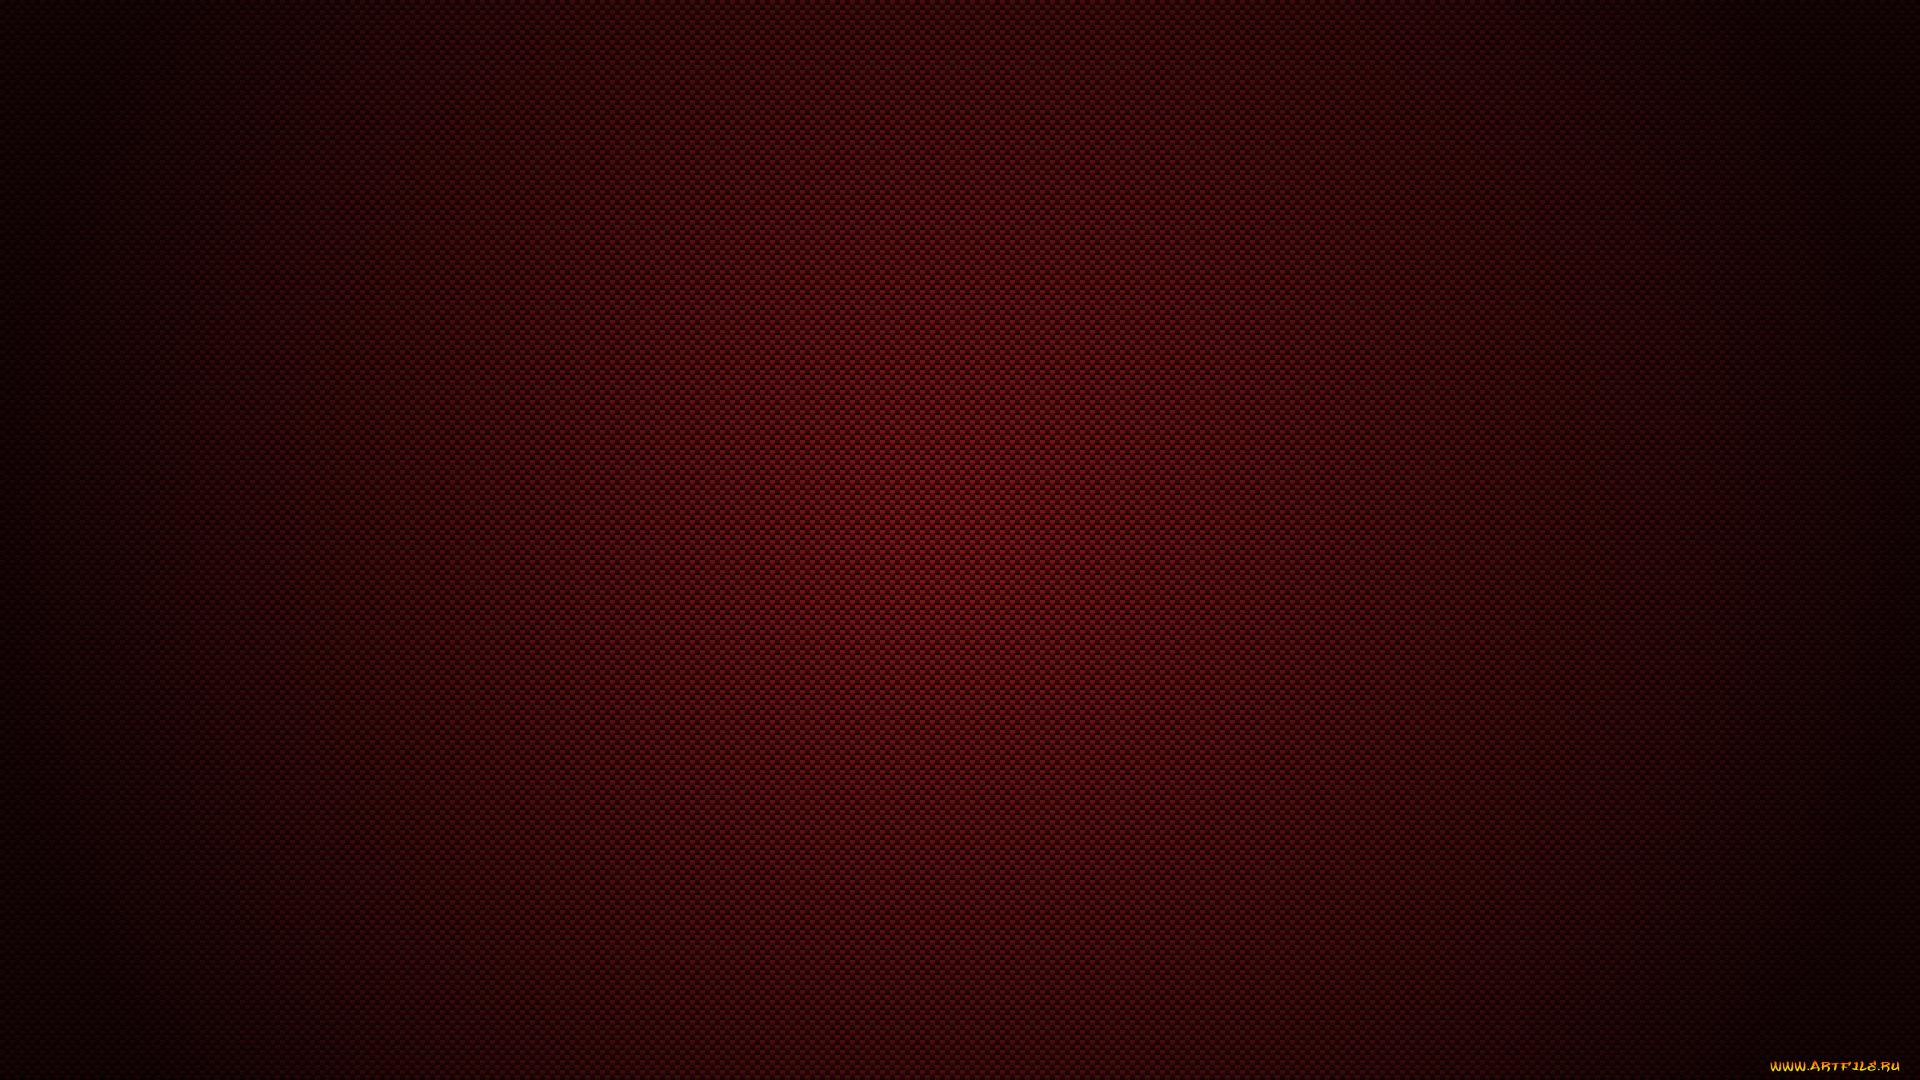 цвет бордо  № 1853842  скачать